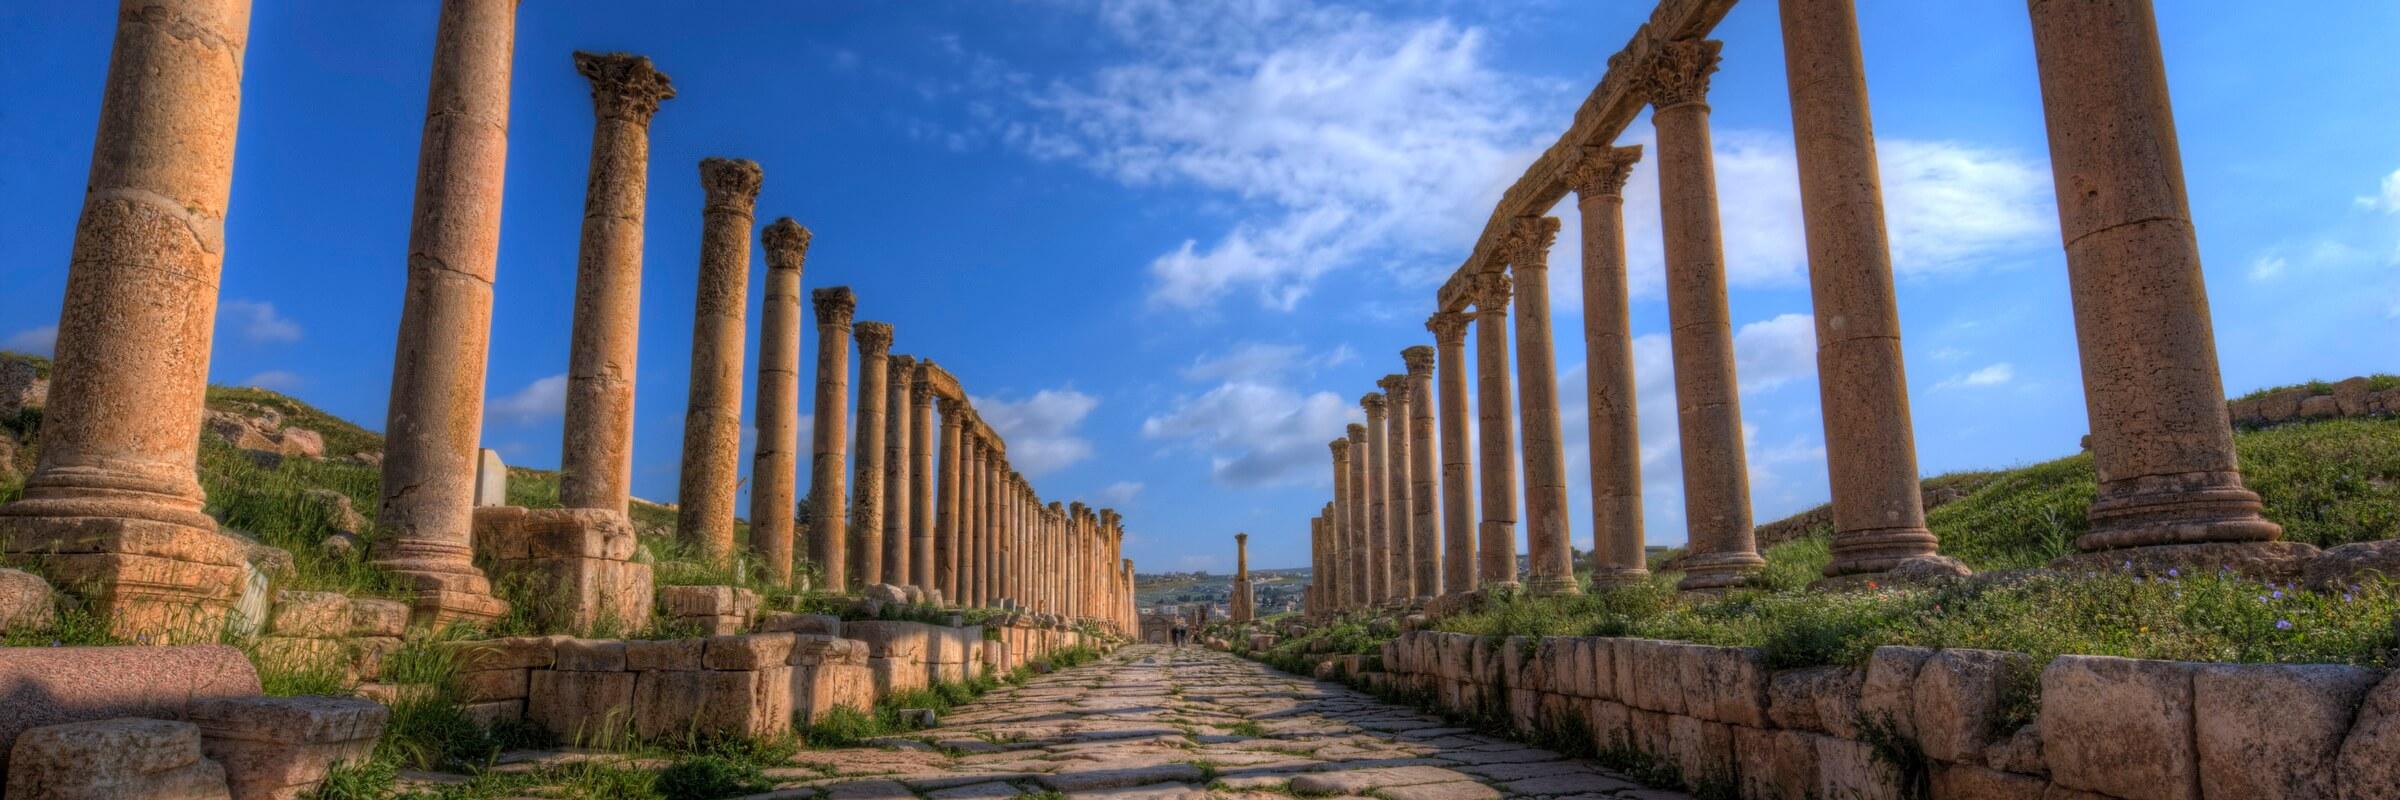 Ansicht der Saeulenallee zum ovalen Forums am Fuß des Jupitertempels in Jerash